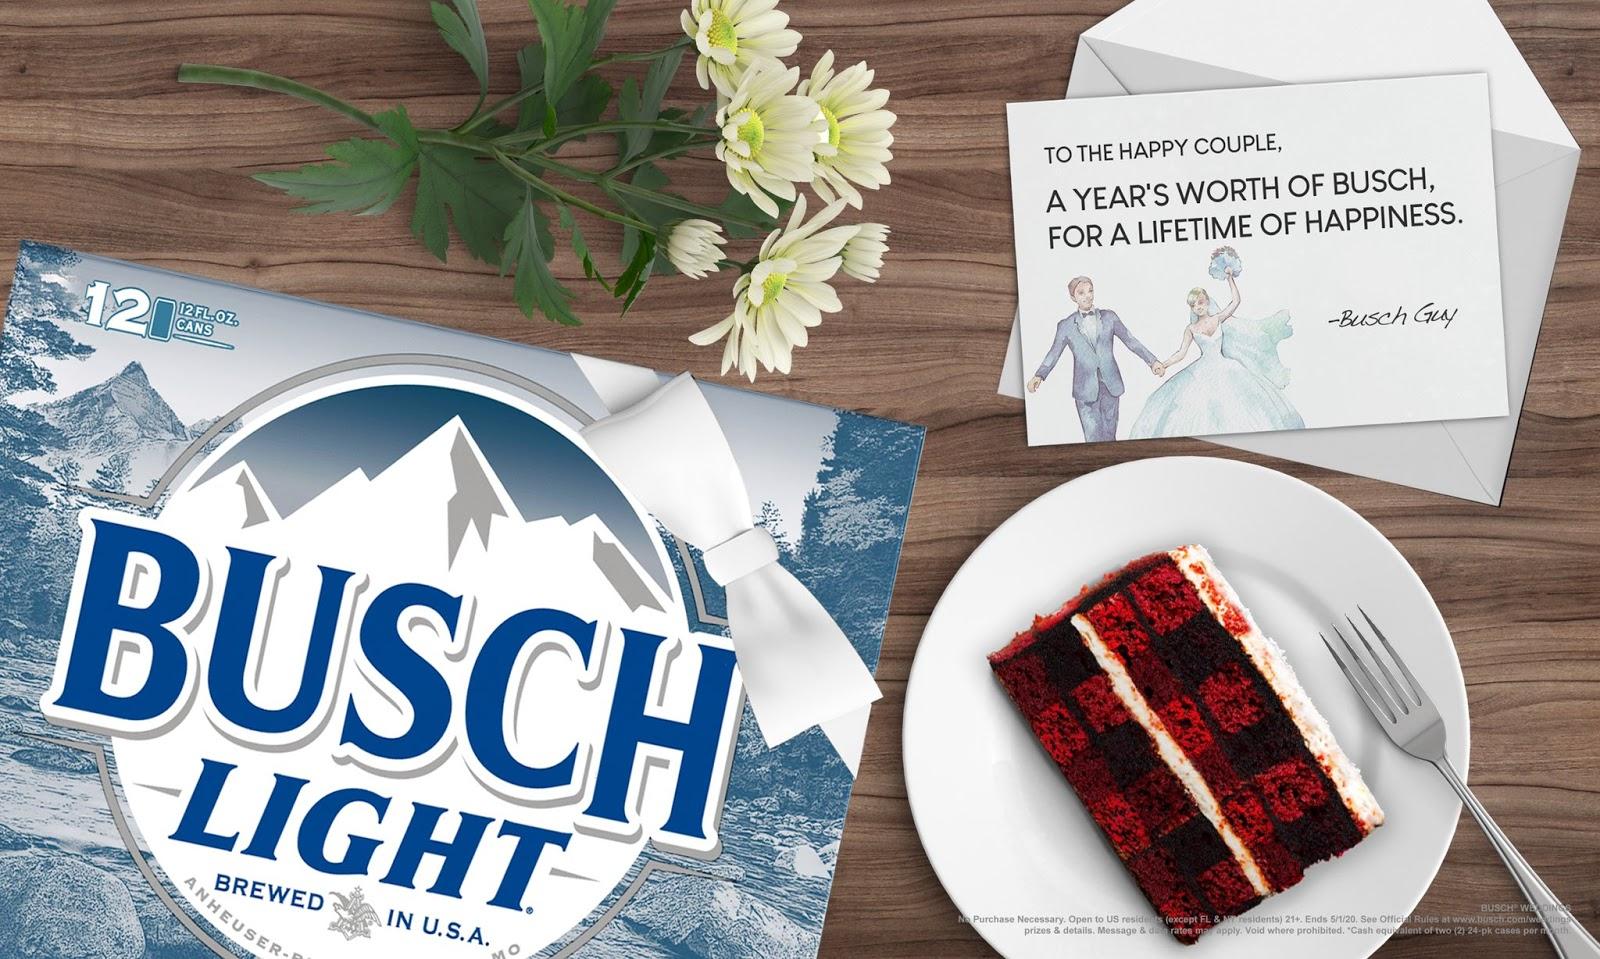 Busch beer contest